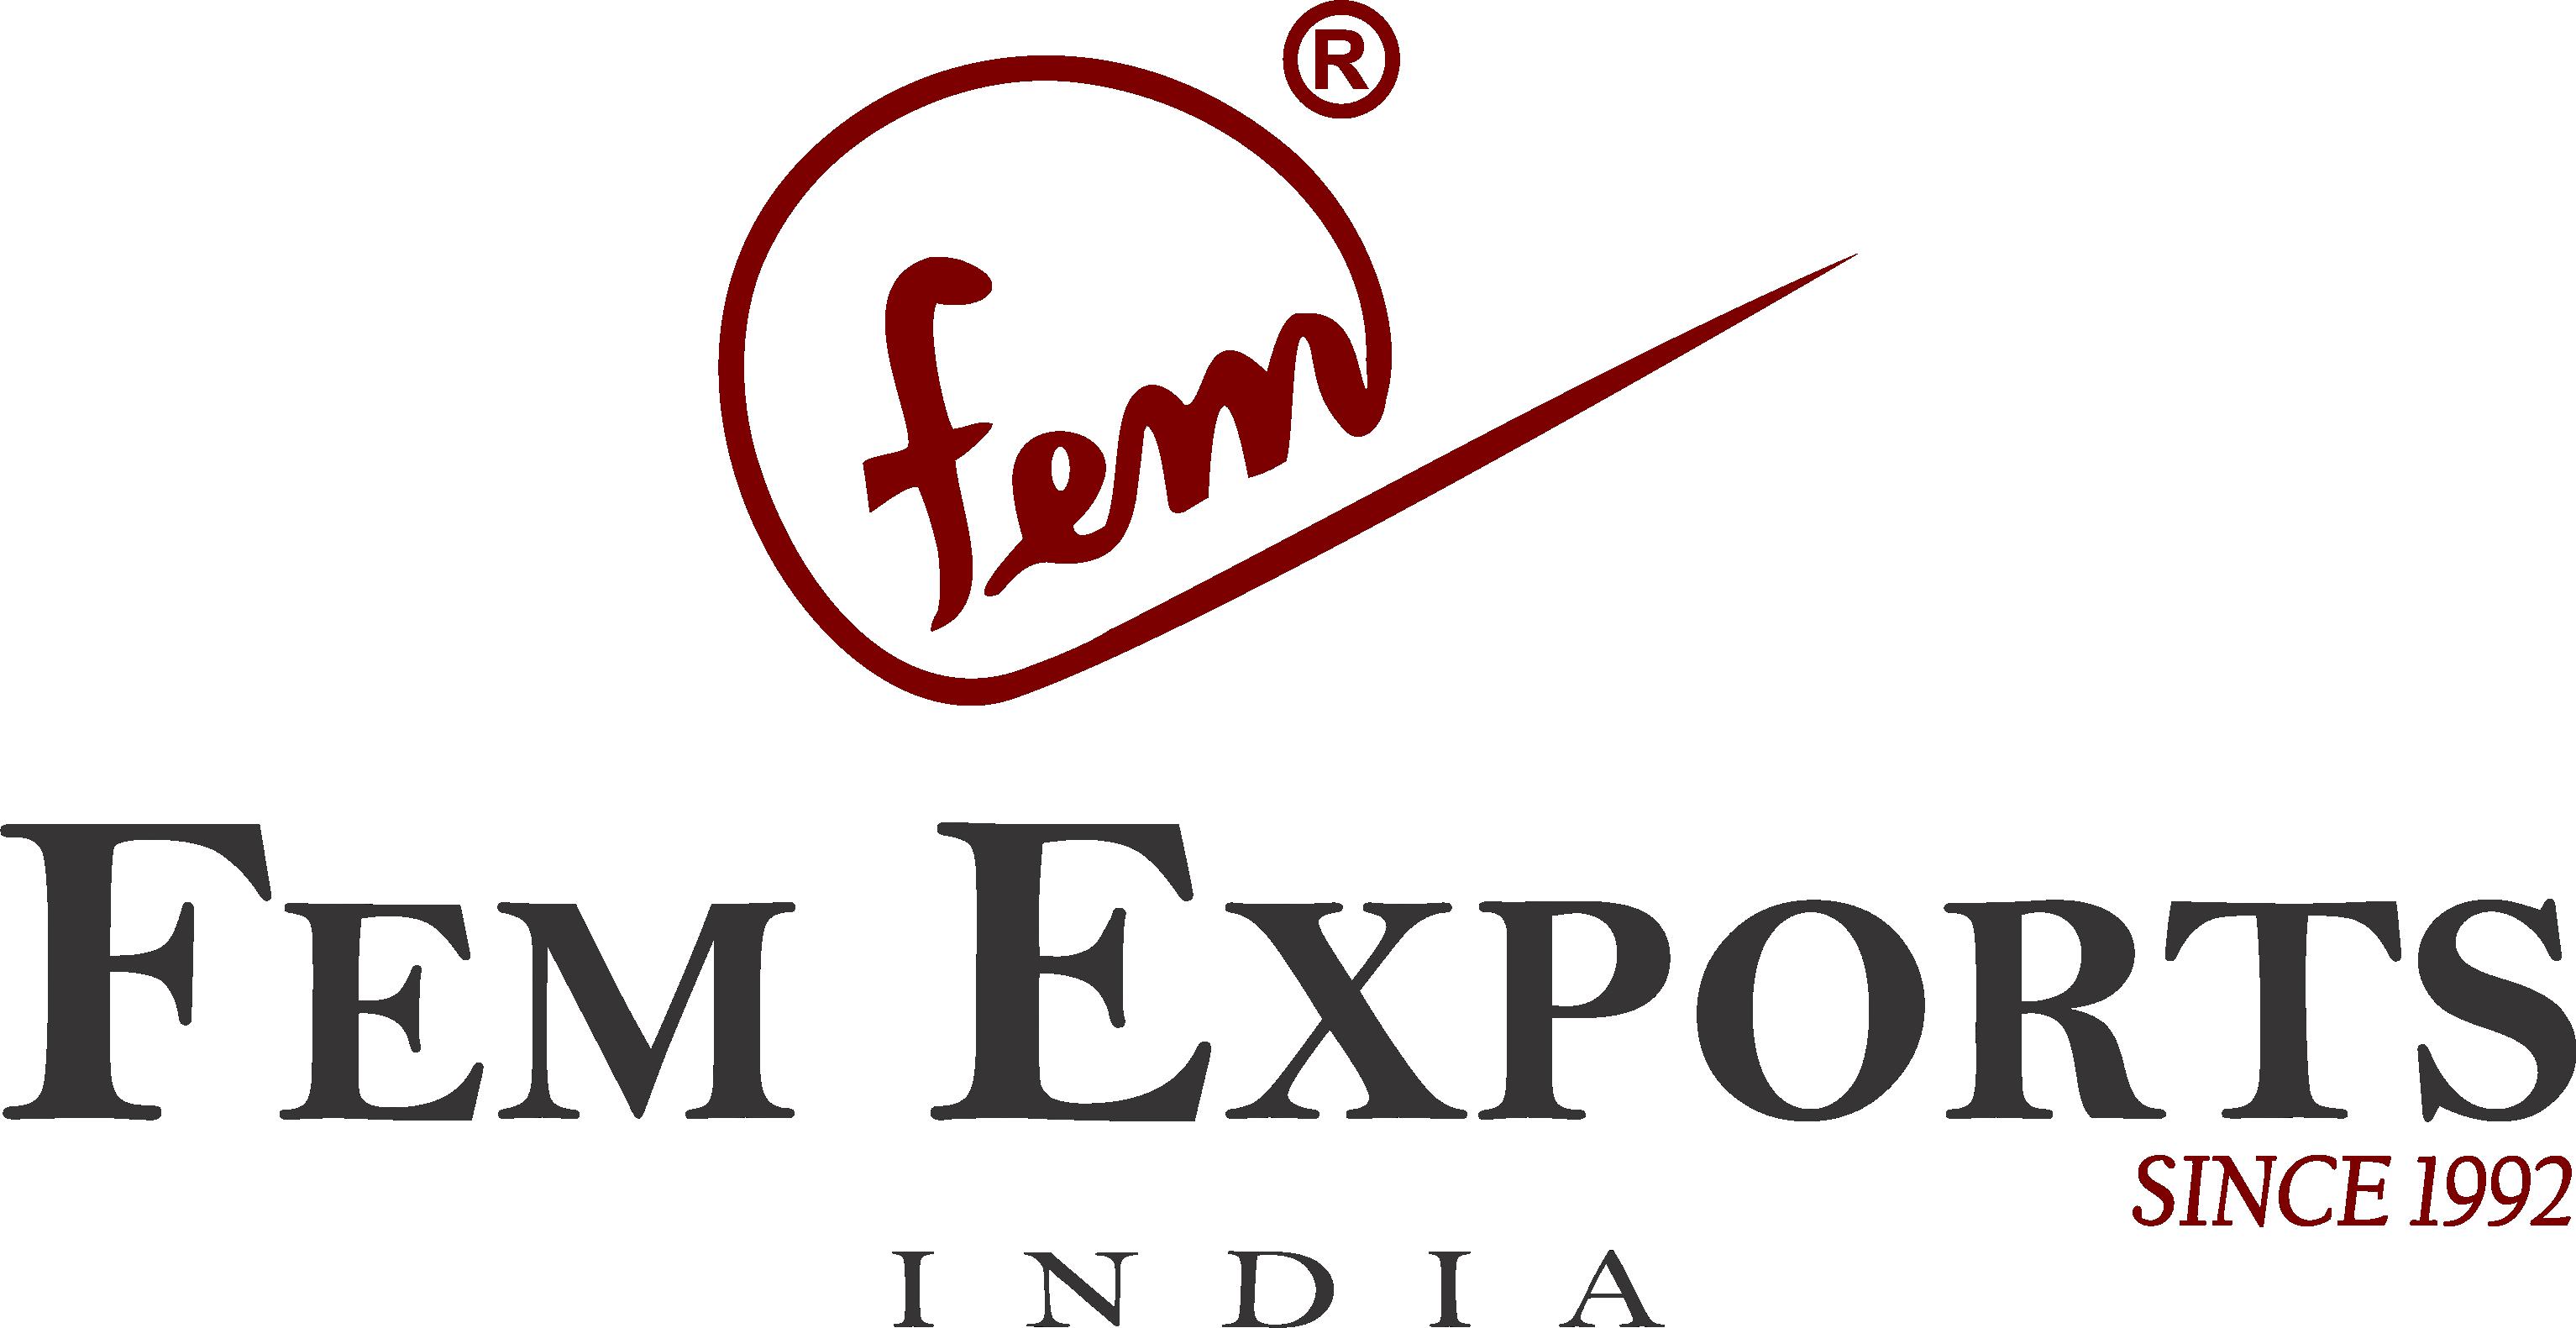 Fem Exports